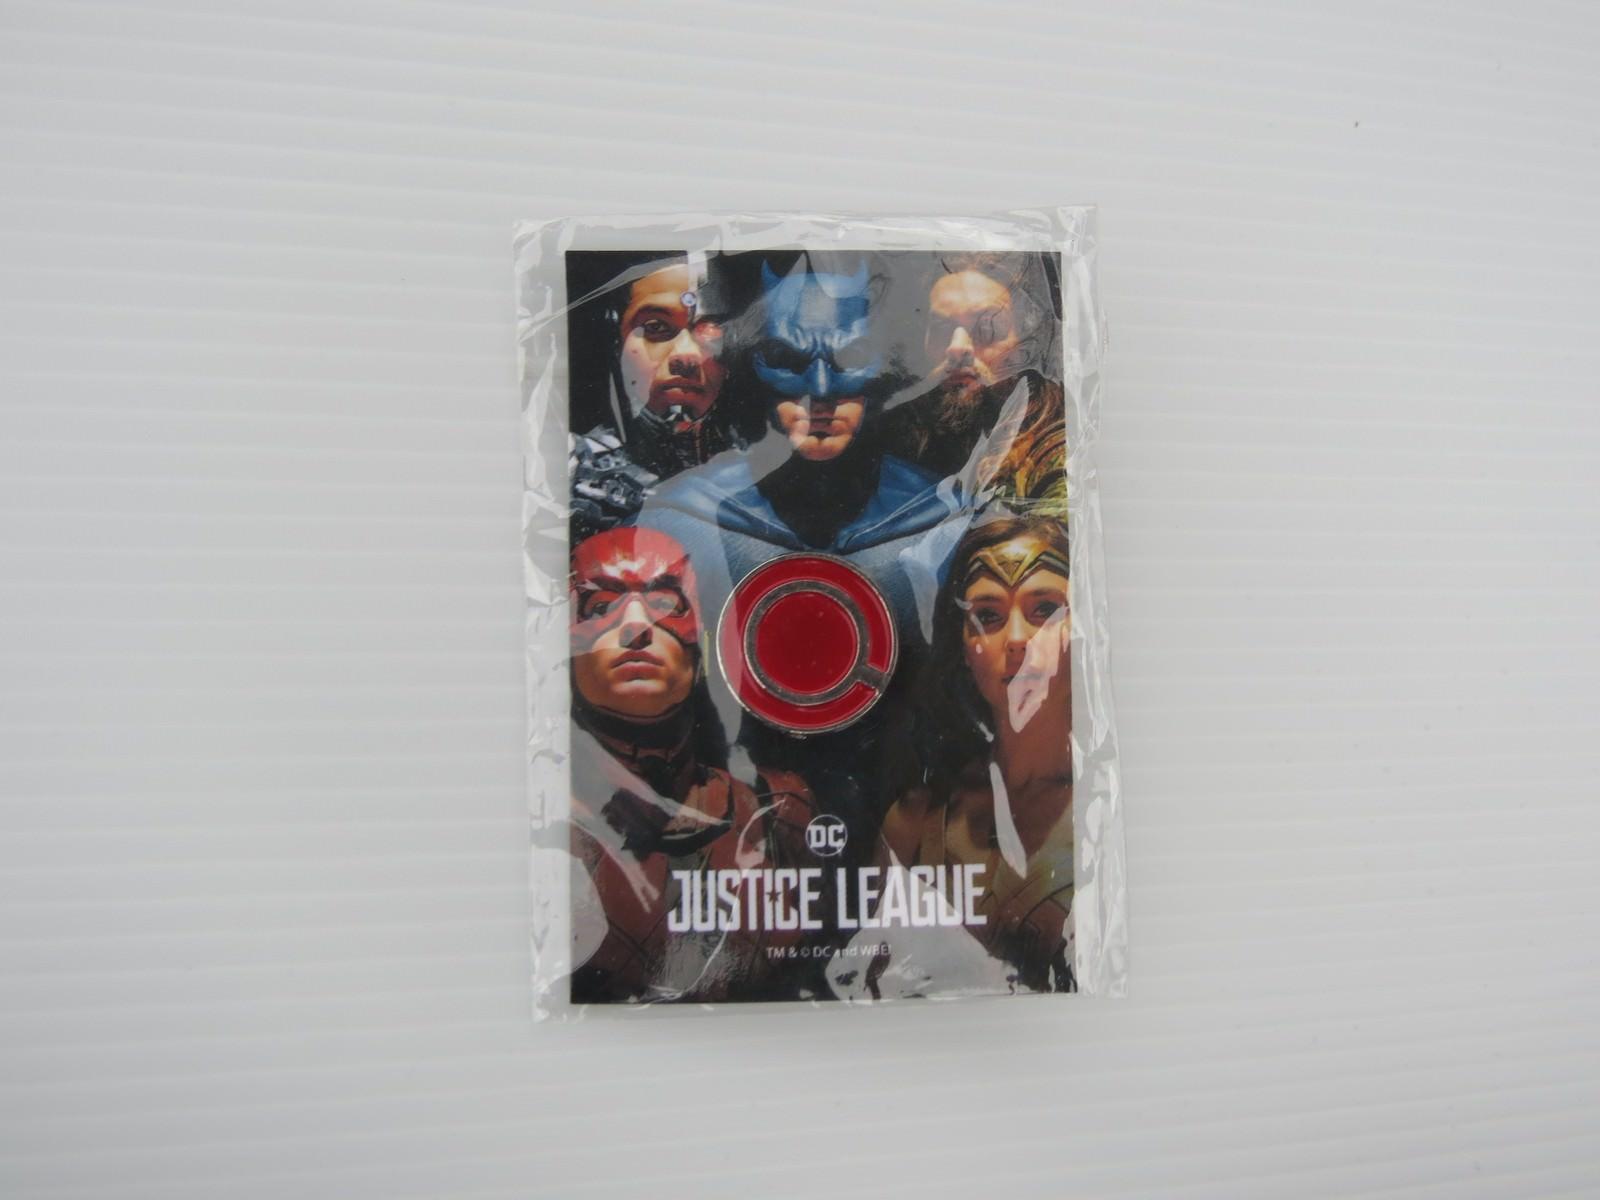 Movie, Justice League(美國, 2017年) / 正義聯盟(台灣.香港) / 正义联盟(中國), 電影週邊商品